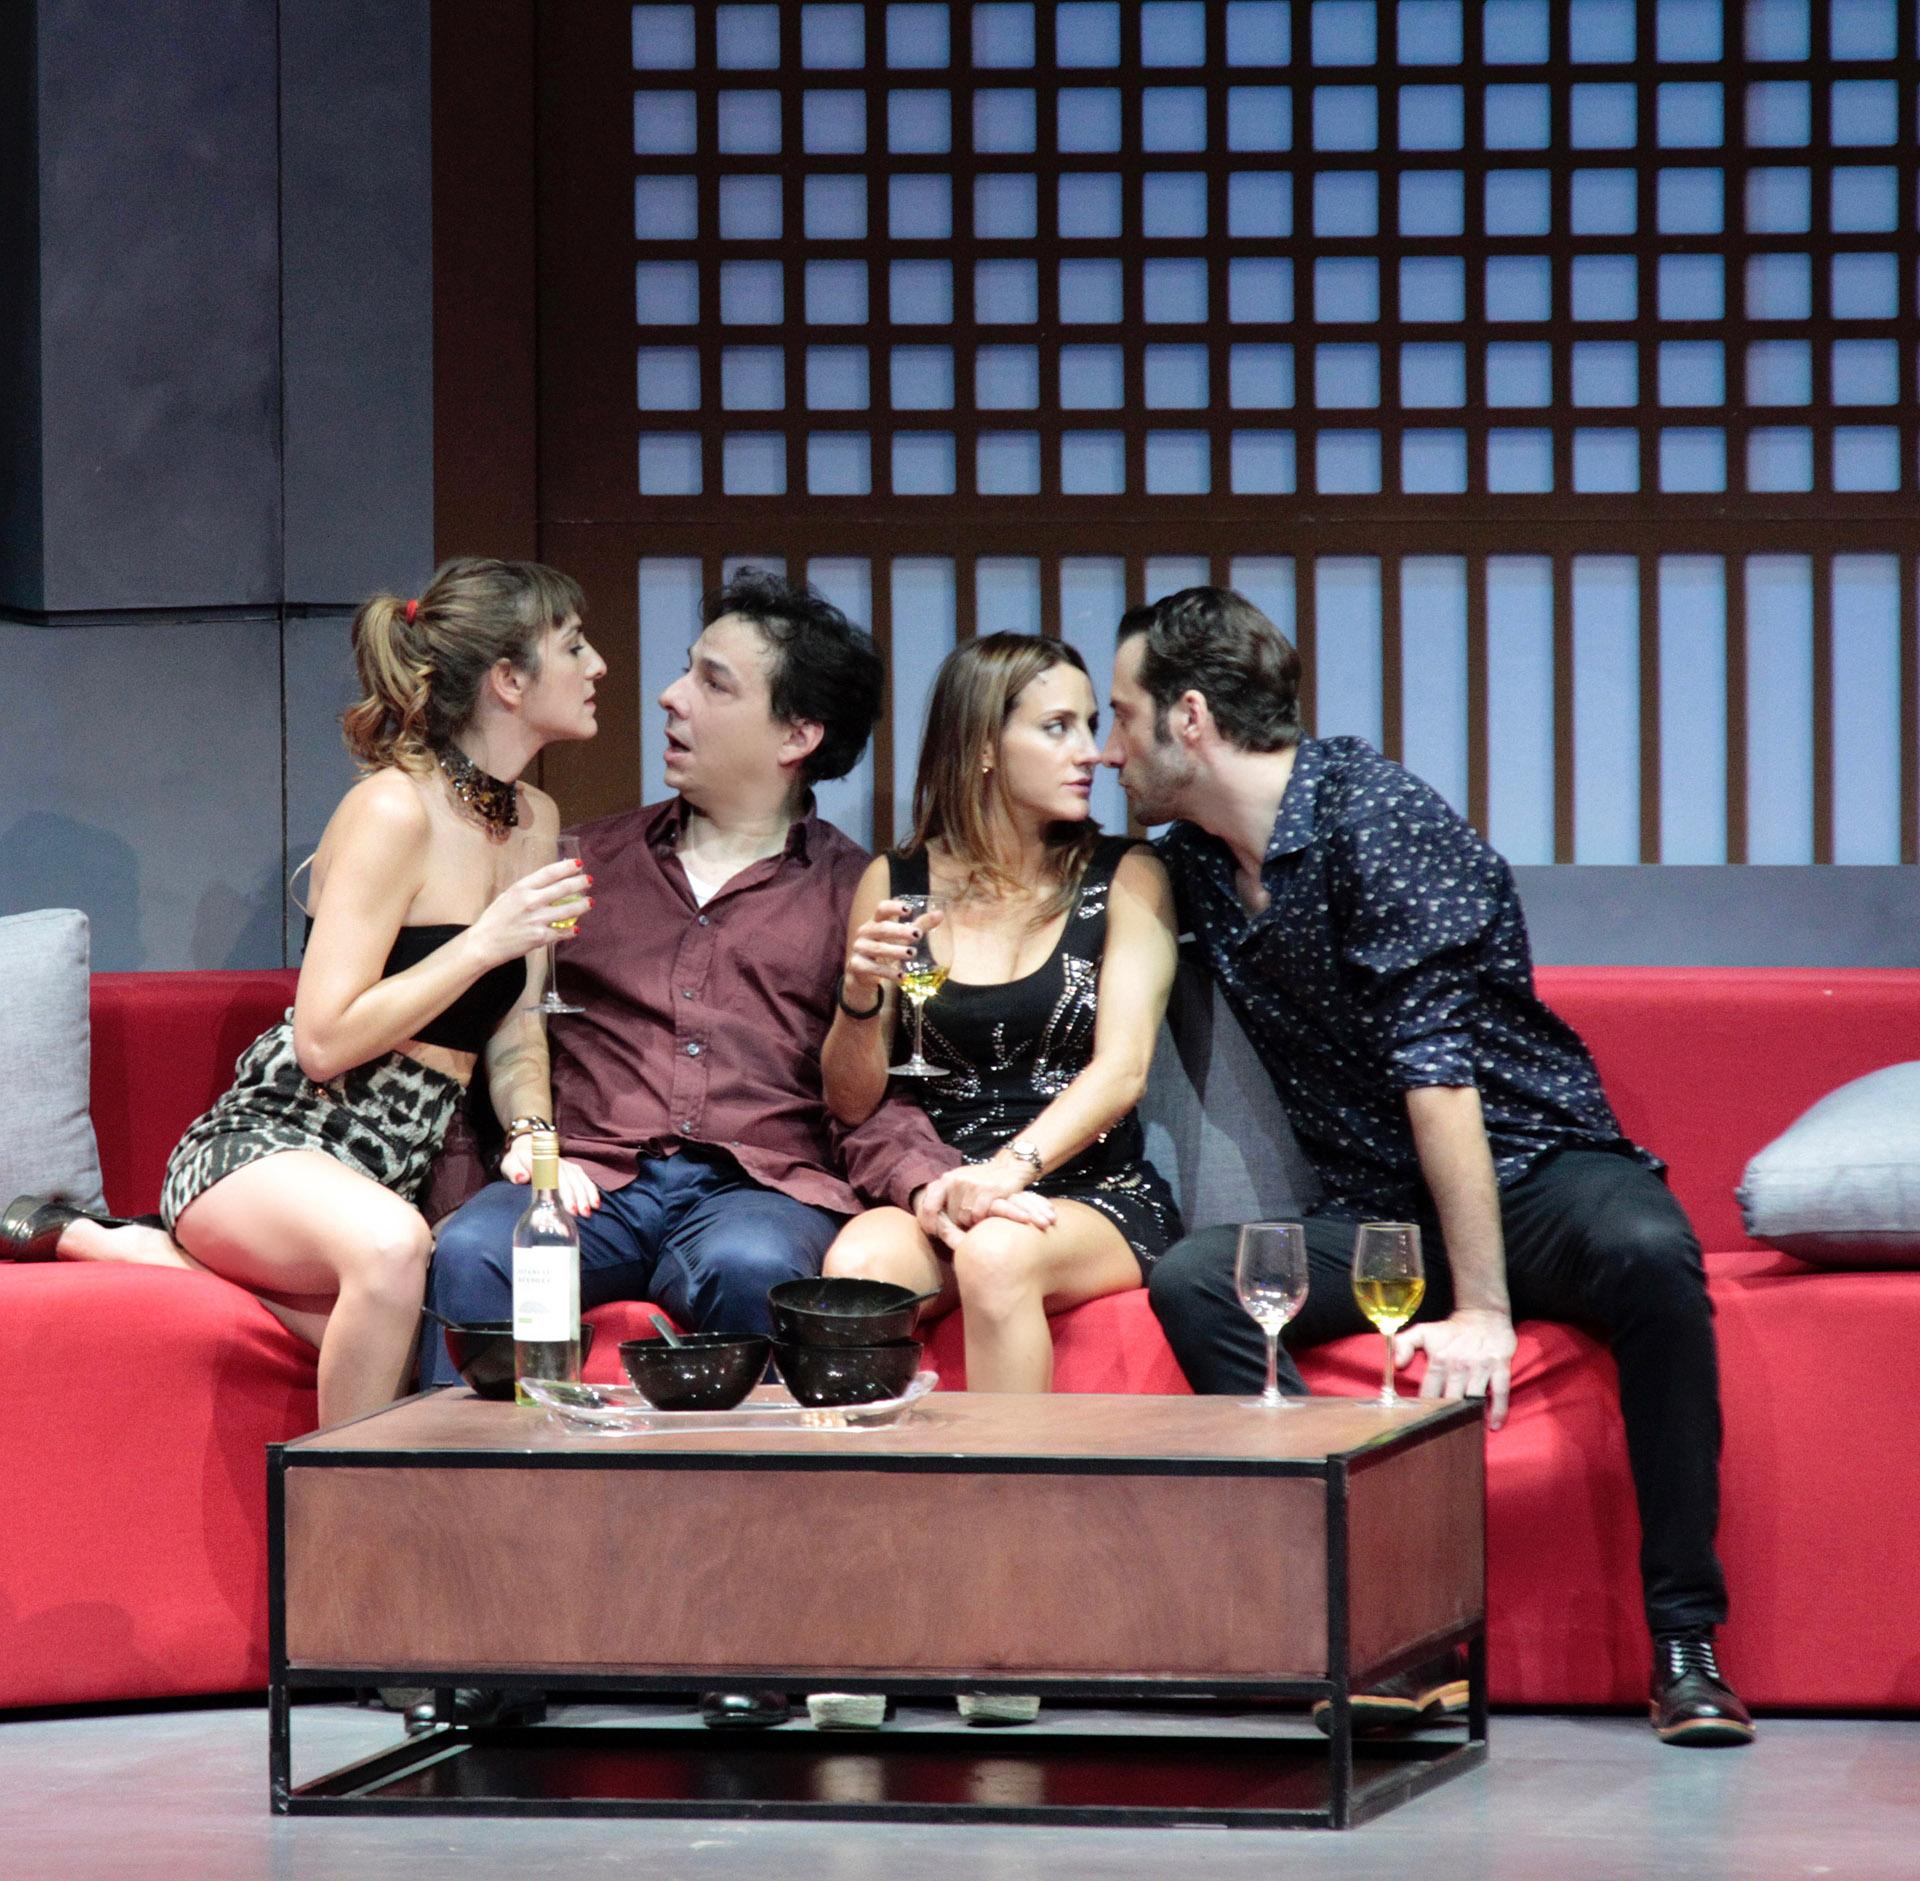 Eleonora Wexler, Fernán Mirás, Luciano Cáceres y Julieta Zylberbberg sobre el escenario (C.Oppizzi)